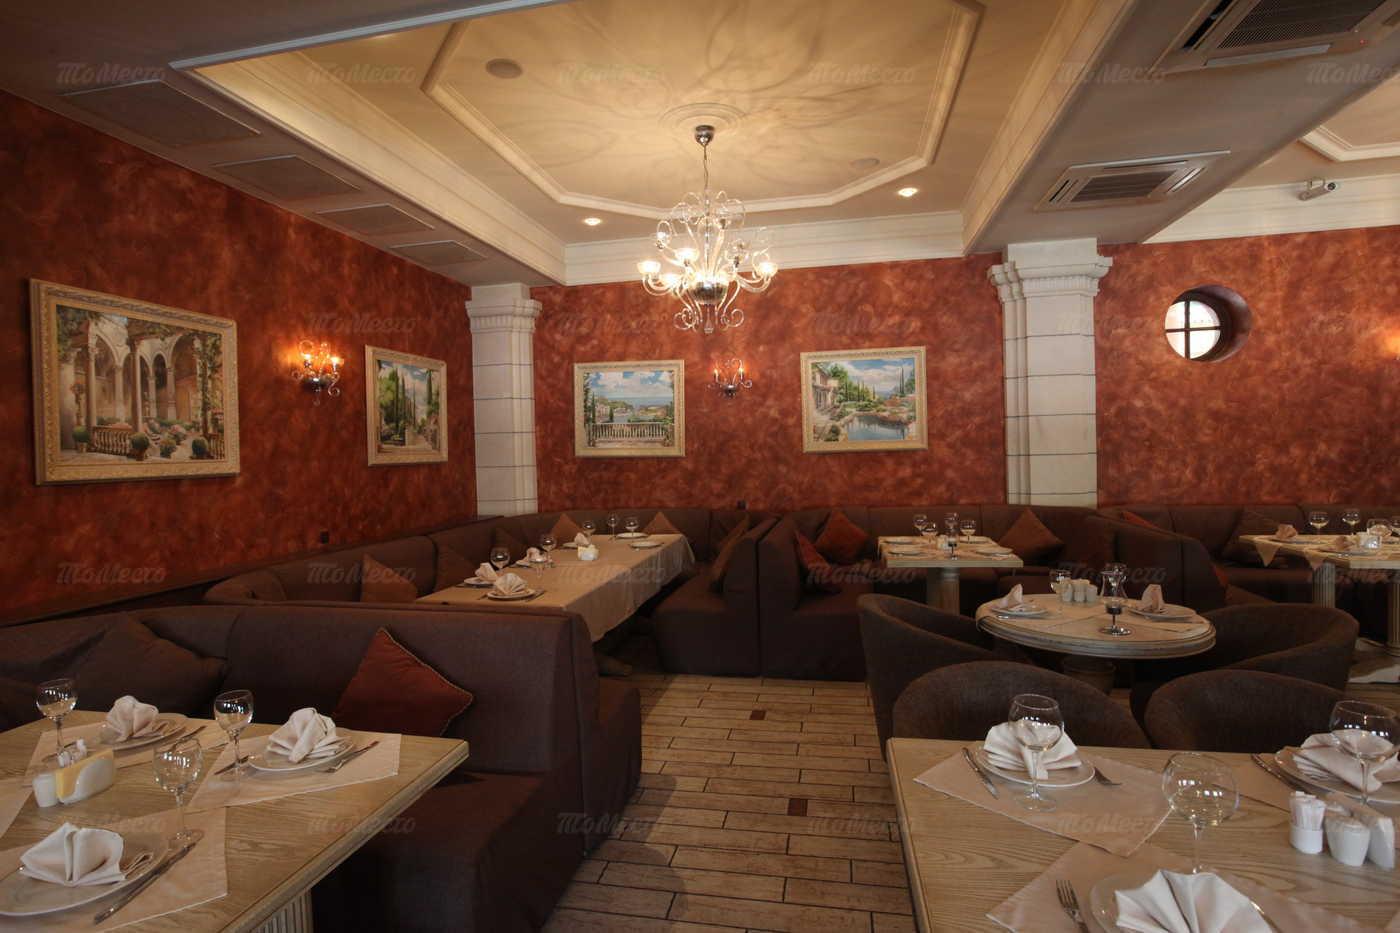 Меню ресторана Вилла Тоскана (Villa Toscana) на Дмитровском шоссе